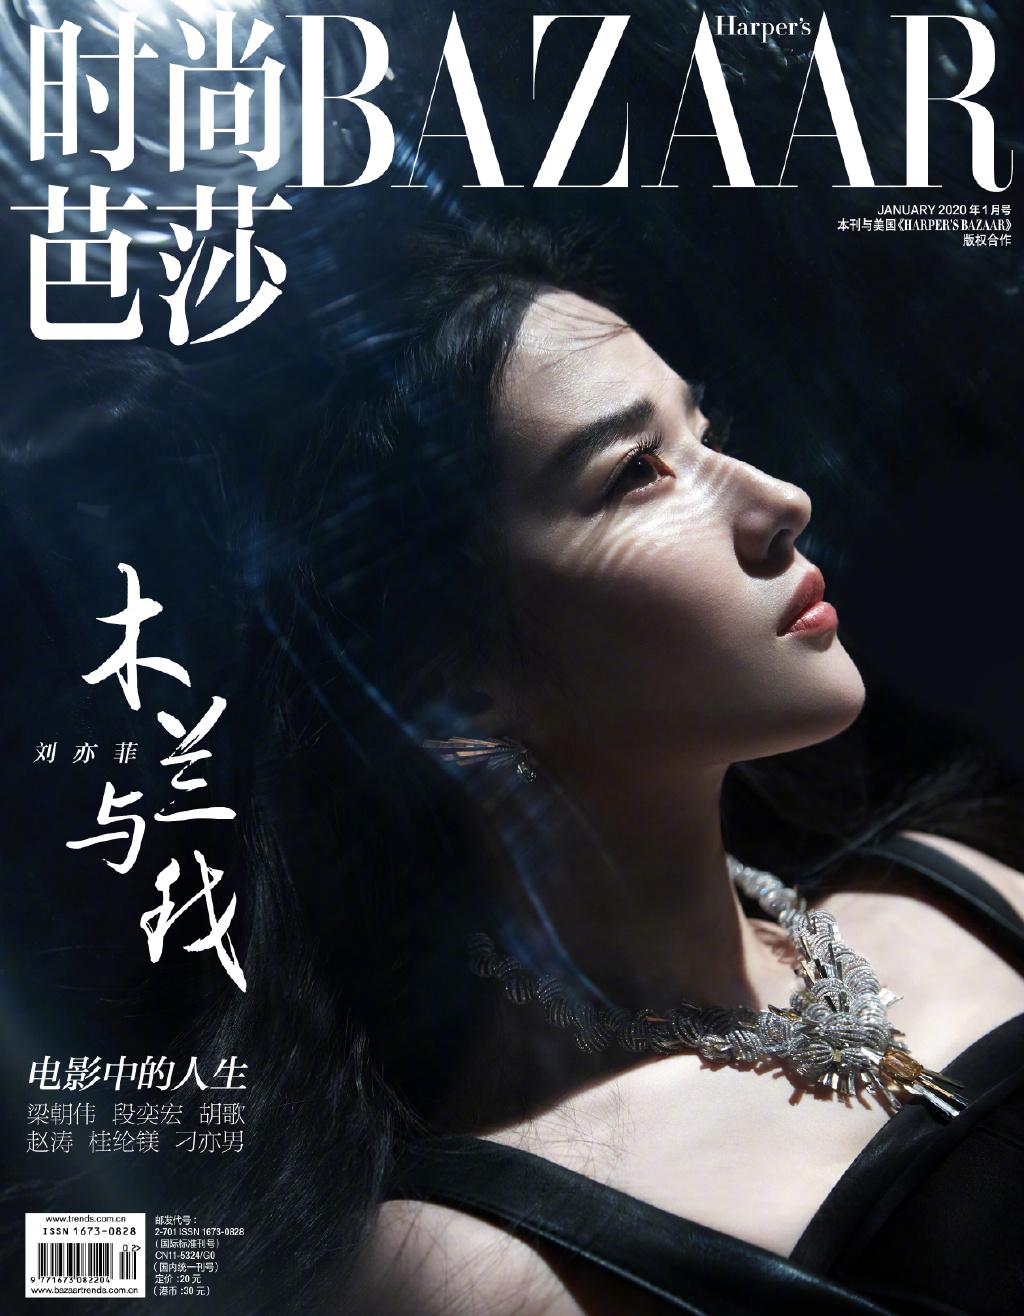 《时尚芭莎》1月刊